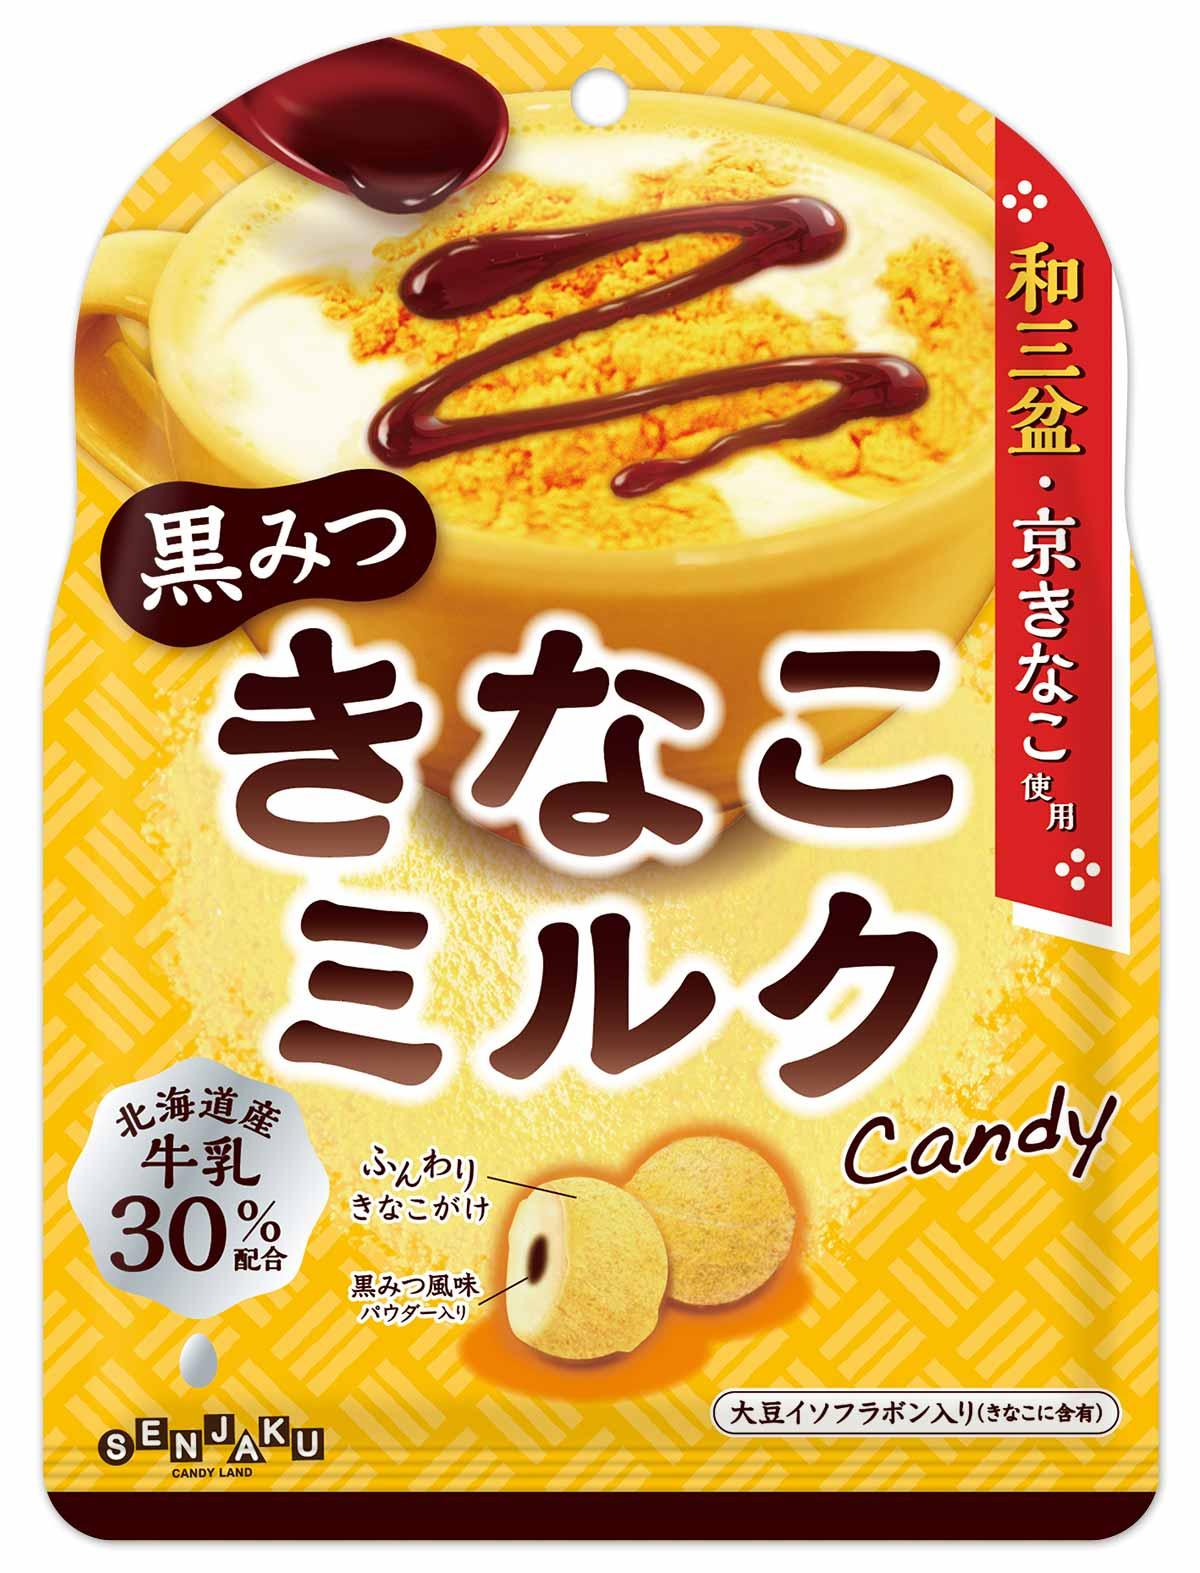 扇雀飴 黒みつきなこミルクCandy 12袋入 ひとくちめからきなこの風味と味わいを楽しめる